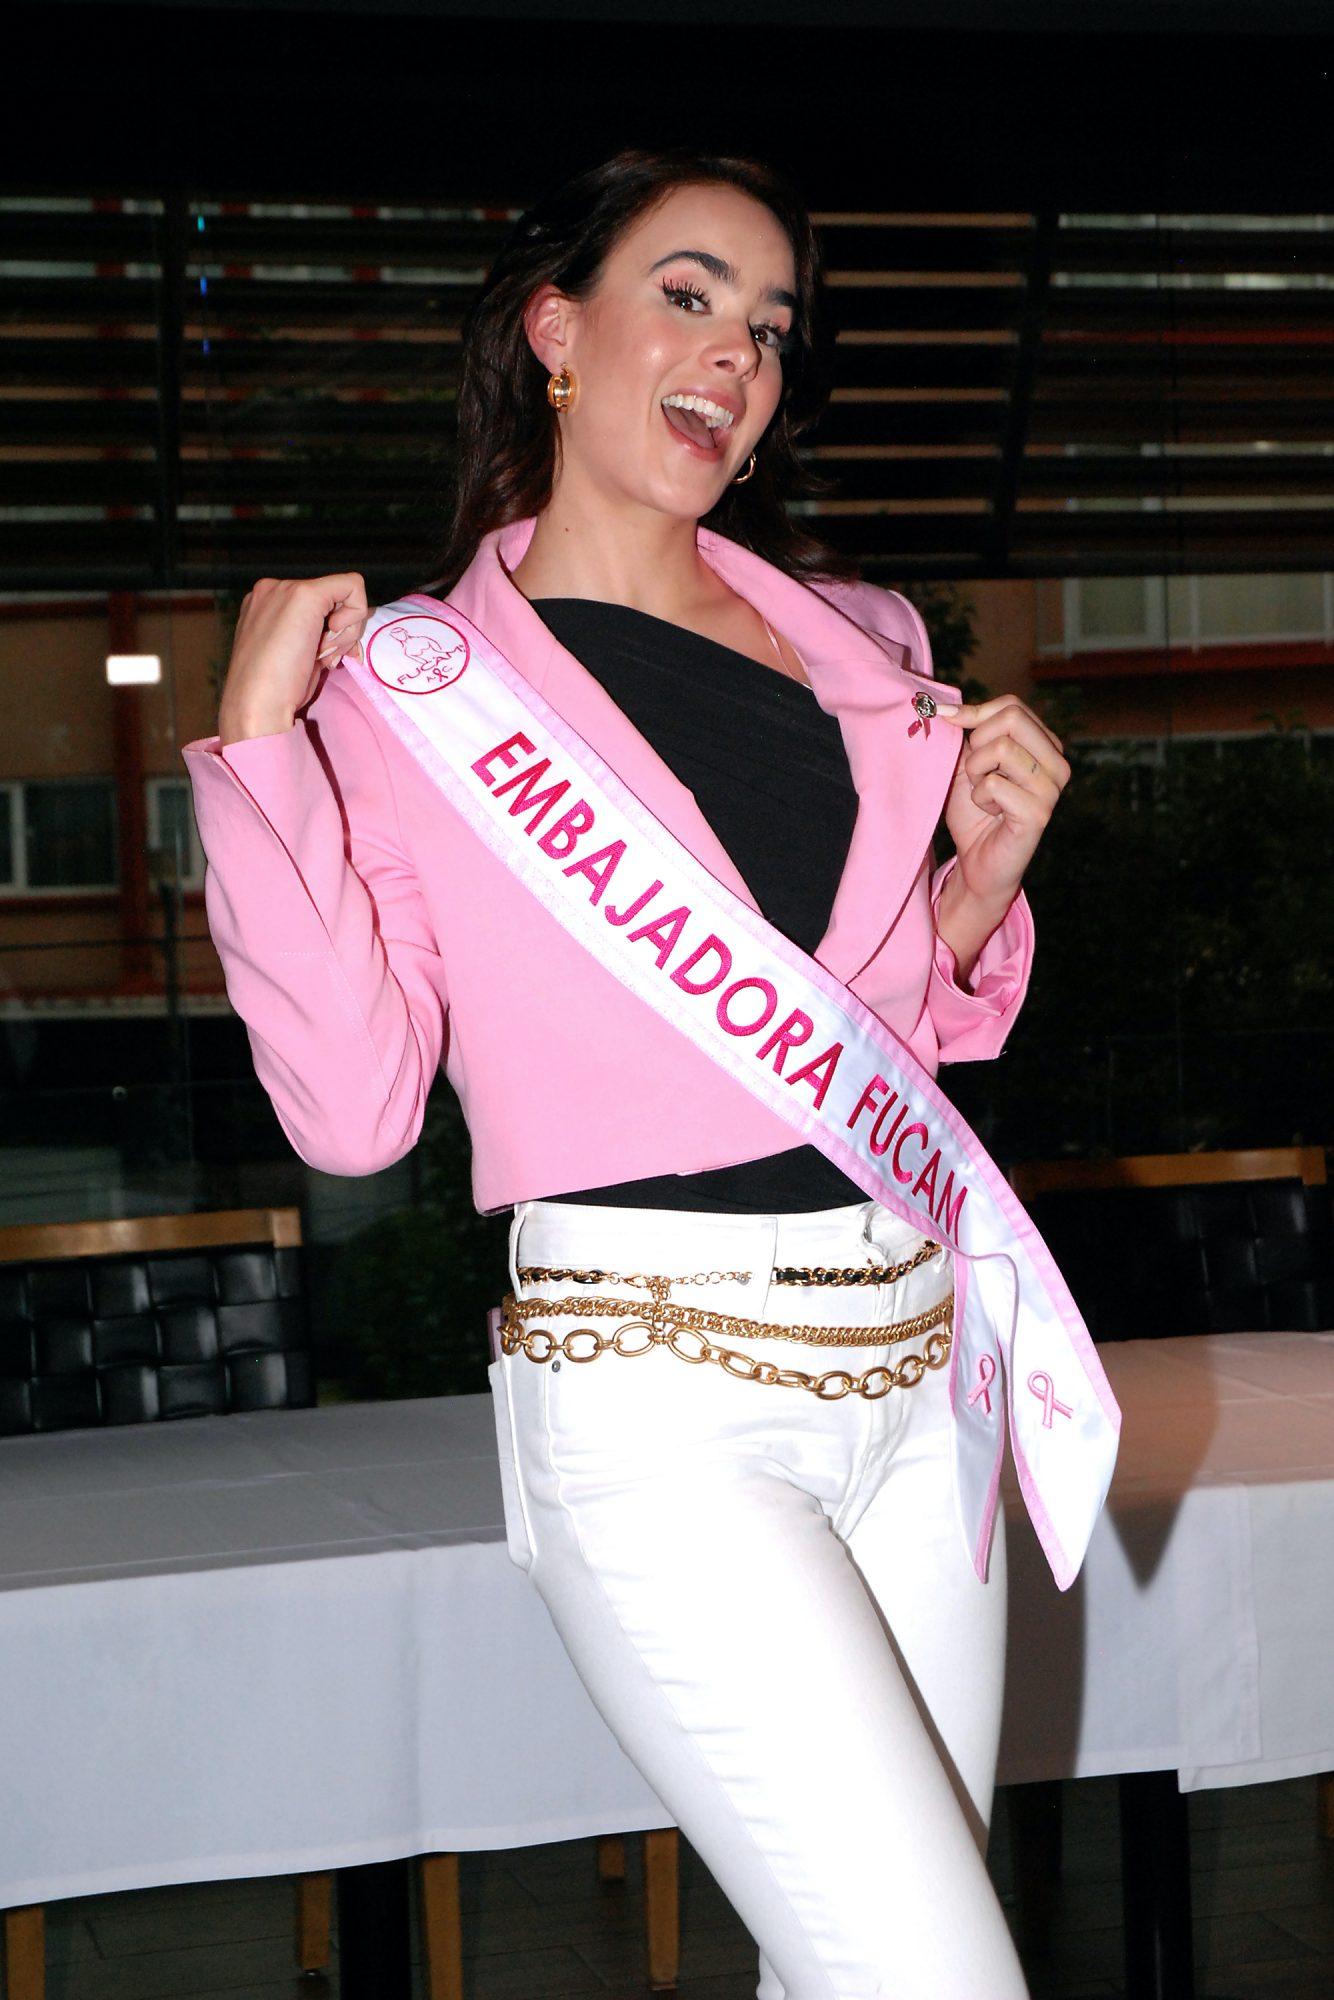 Gala Montes es nombrada embajadora oficial de FUCAM (Fundación del Cáncer de Mama)